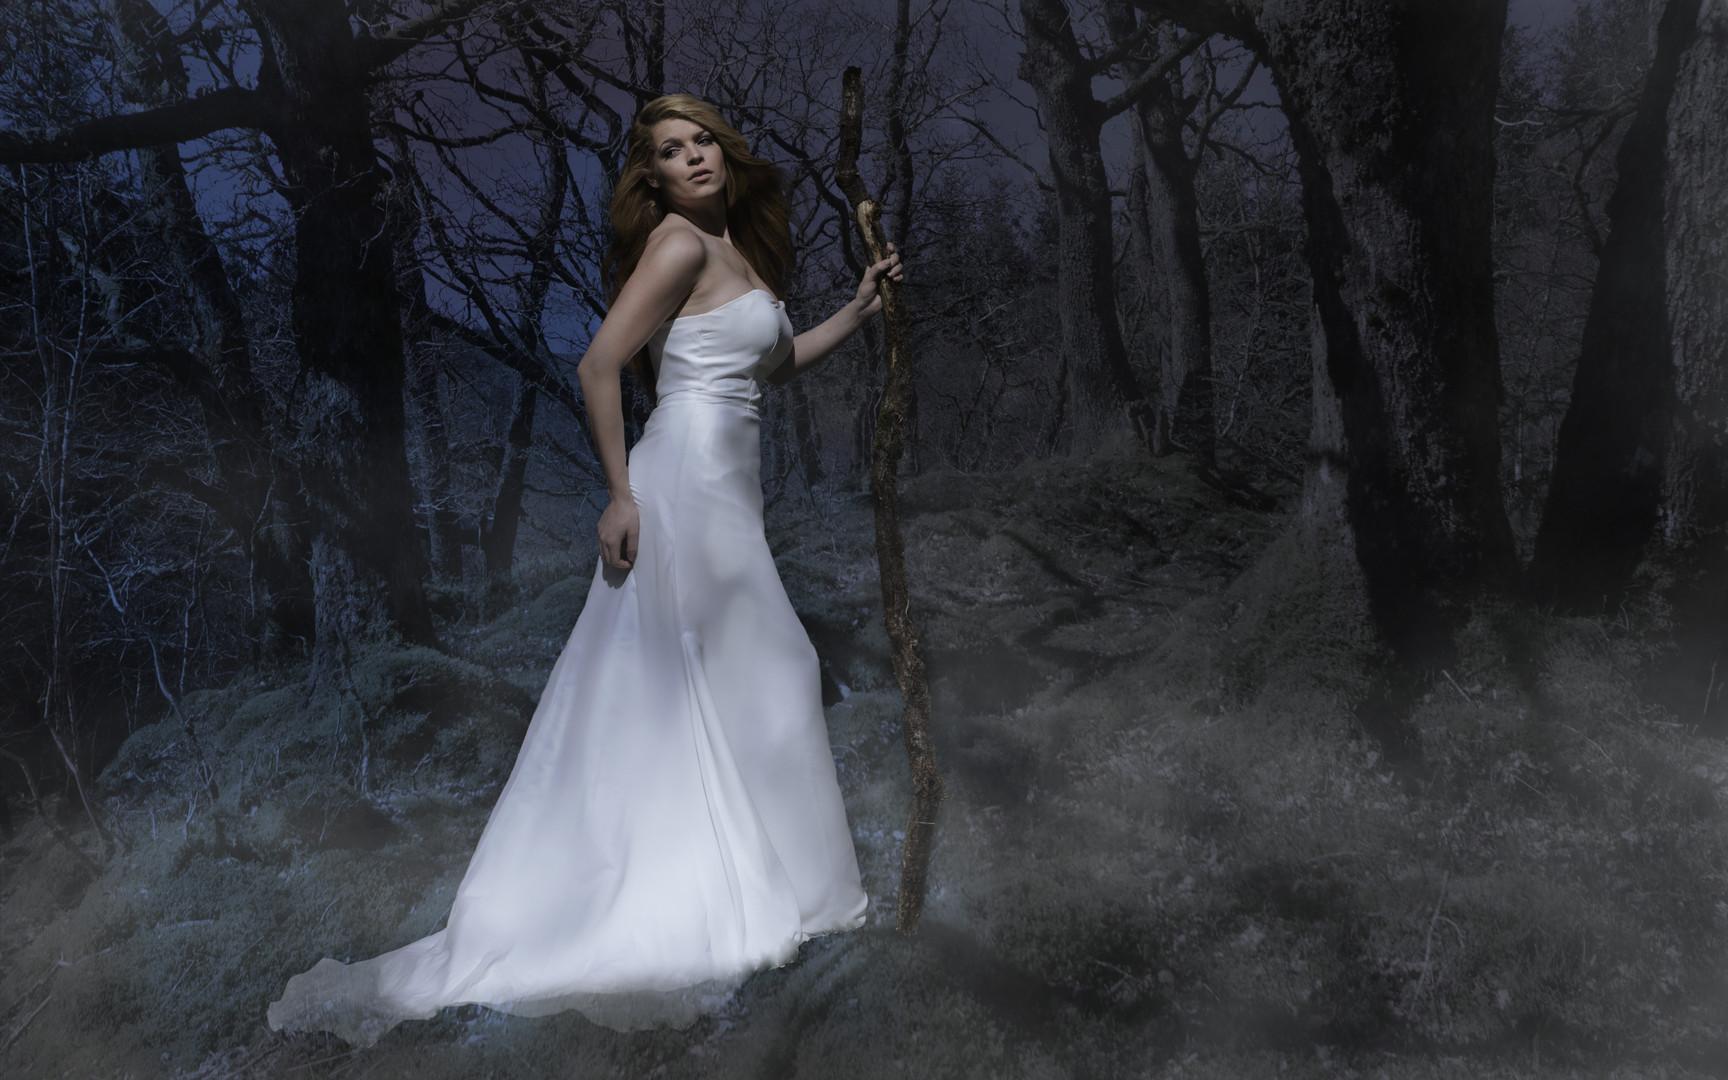 18.-Moonlit-Woods.jpg